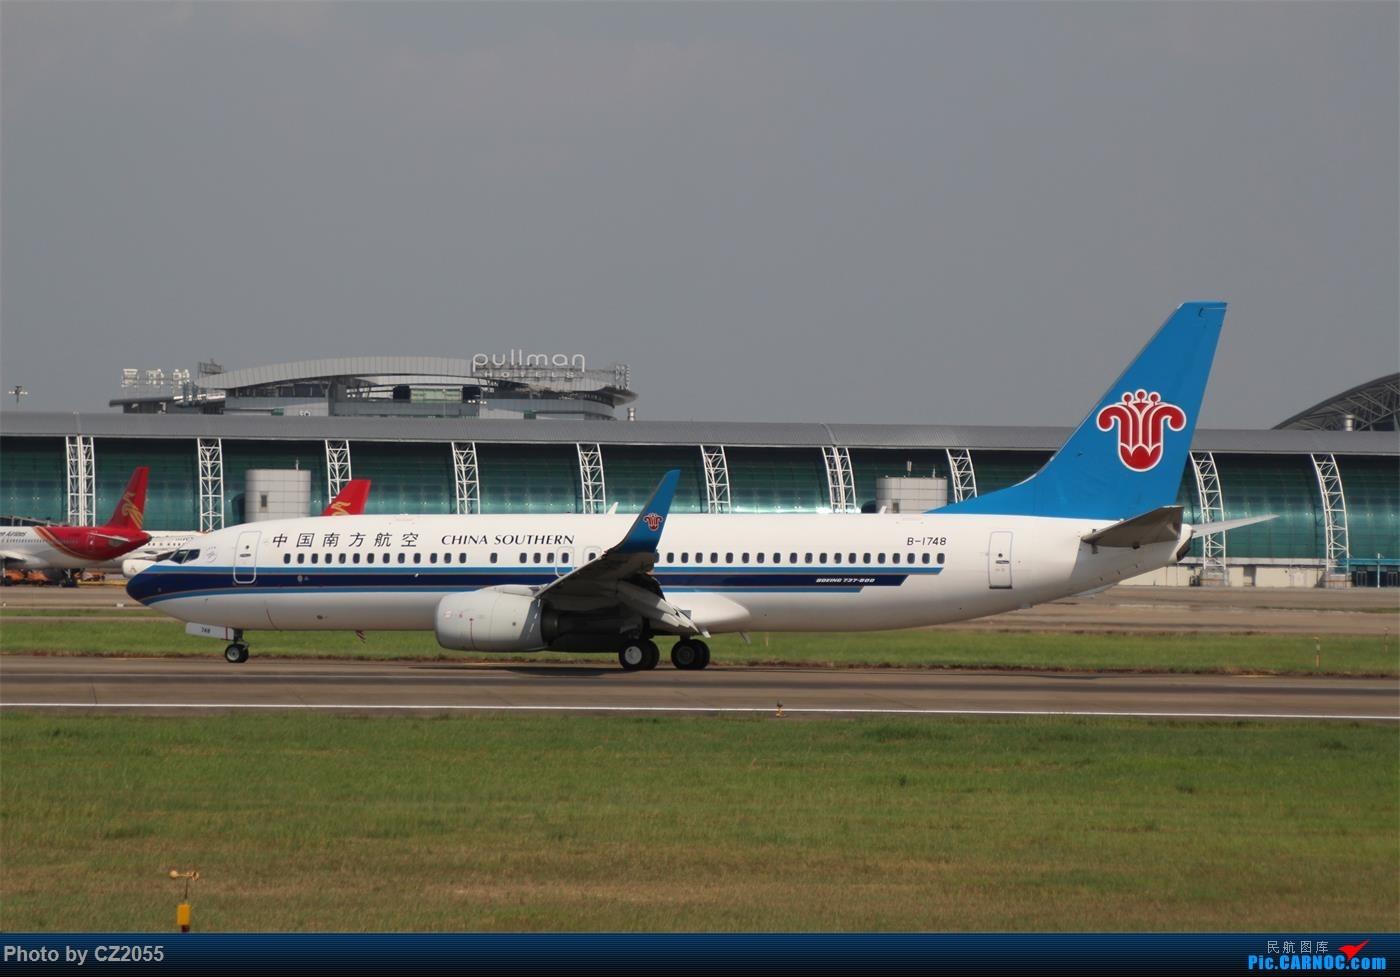 [原创][原创]【CZ2055】【CAN】新镜头试镜。 BOEING 737-800 B-1748 中国广州白云国际机场